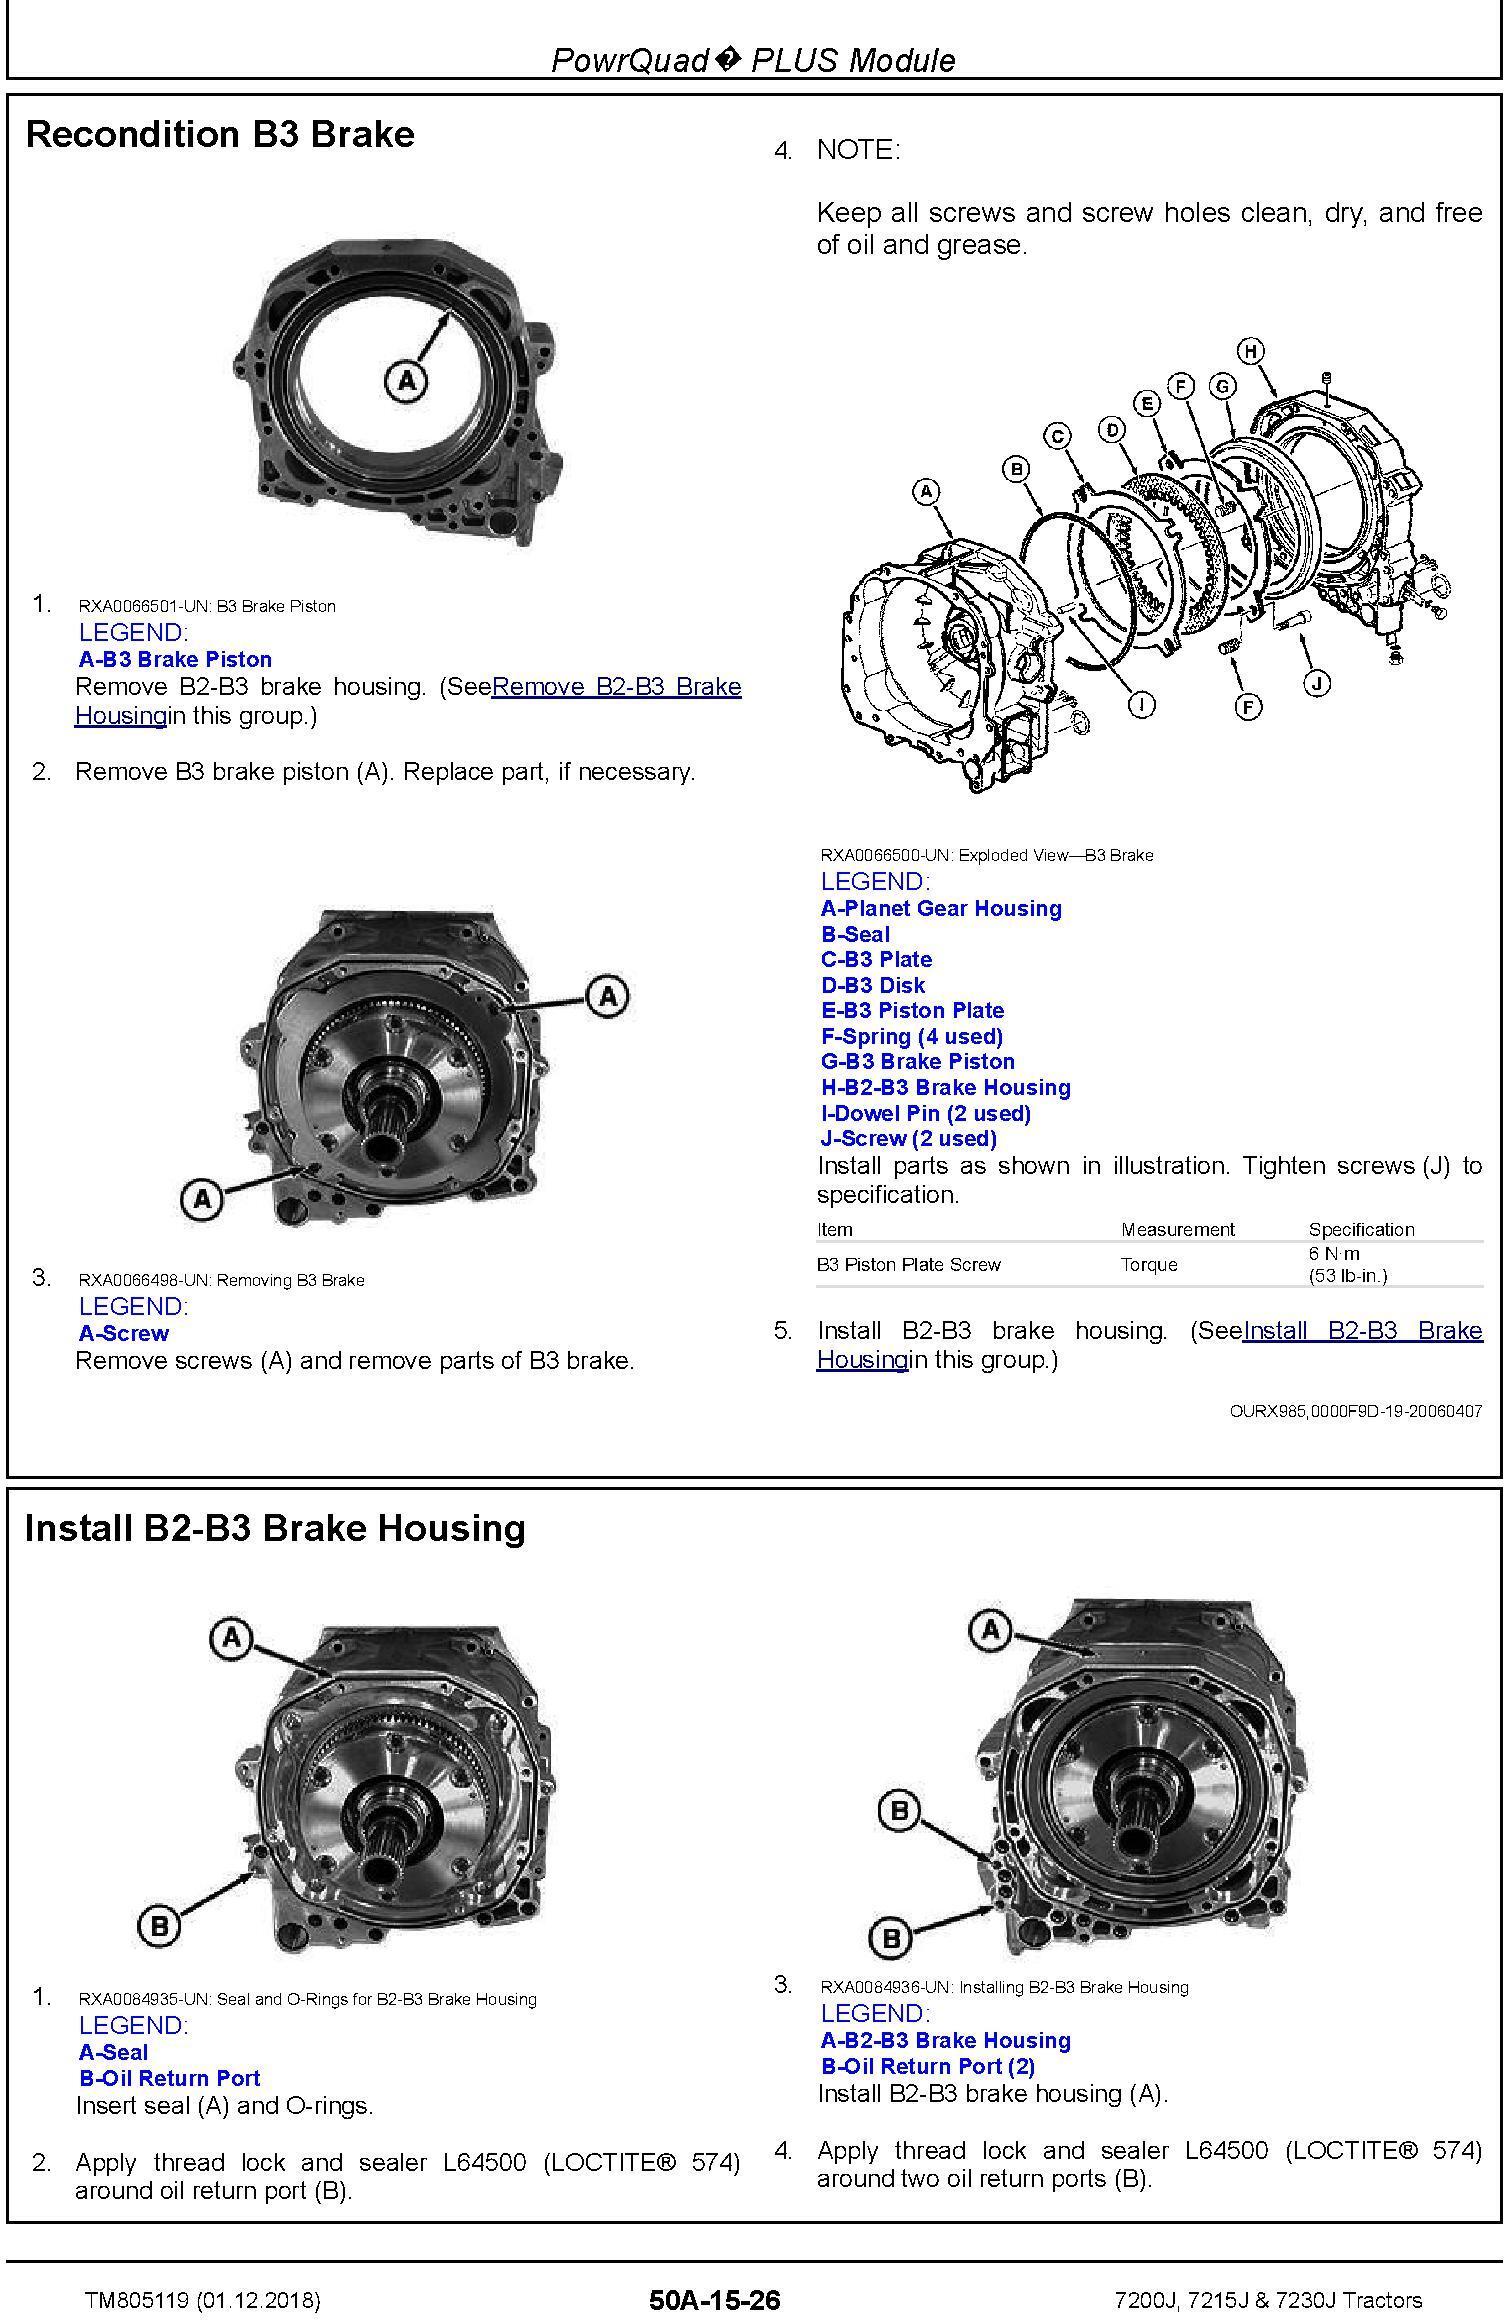 John Deere 7200J, 7215J and 7230J Tractors Service Repair Technical Manual (TM805119) - 2